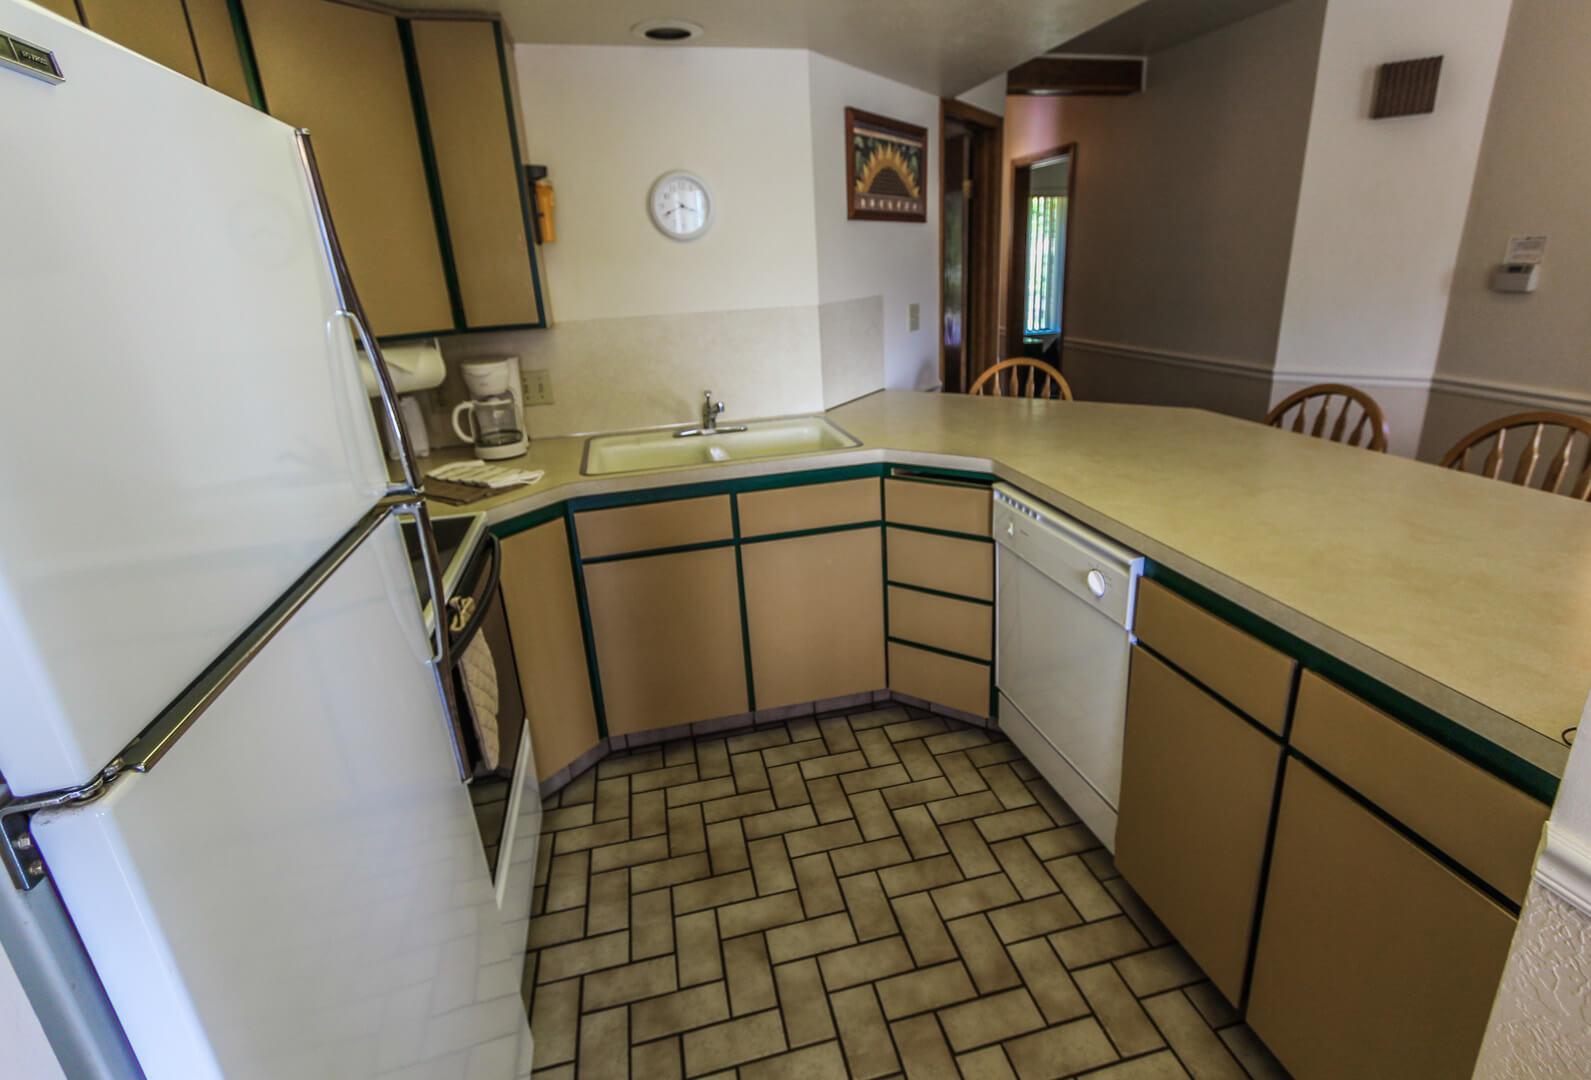 A clean kitchen at VRI's Wolf Creek Village I in Eden, Utah.